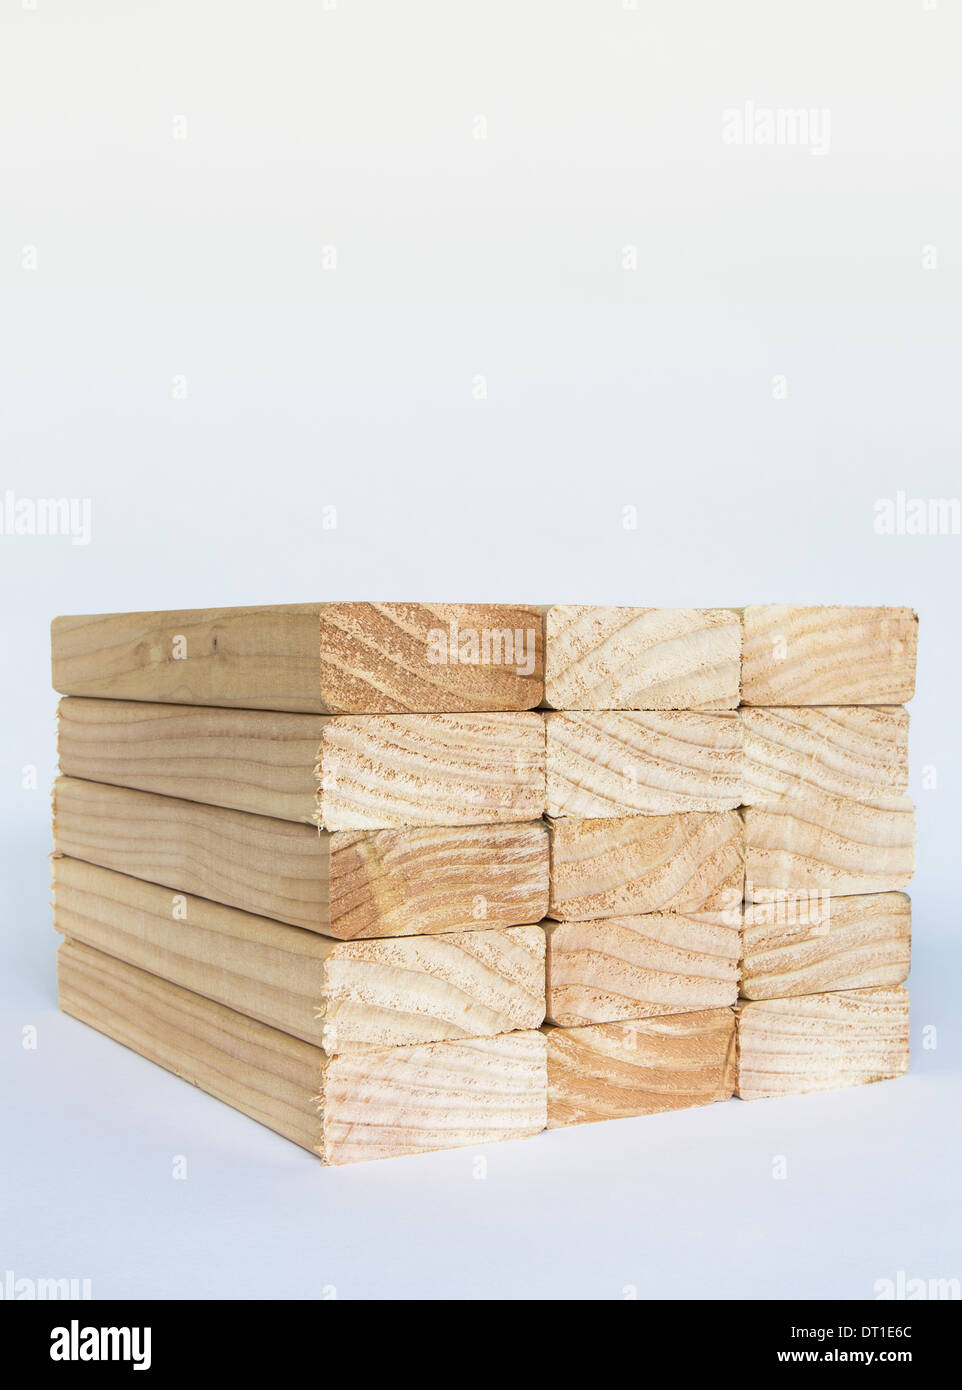 Washington State USA gesägt vorbereitete Holz Fichte Holzdielen oder Nieten Stockbild